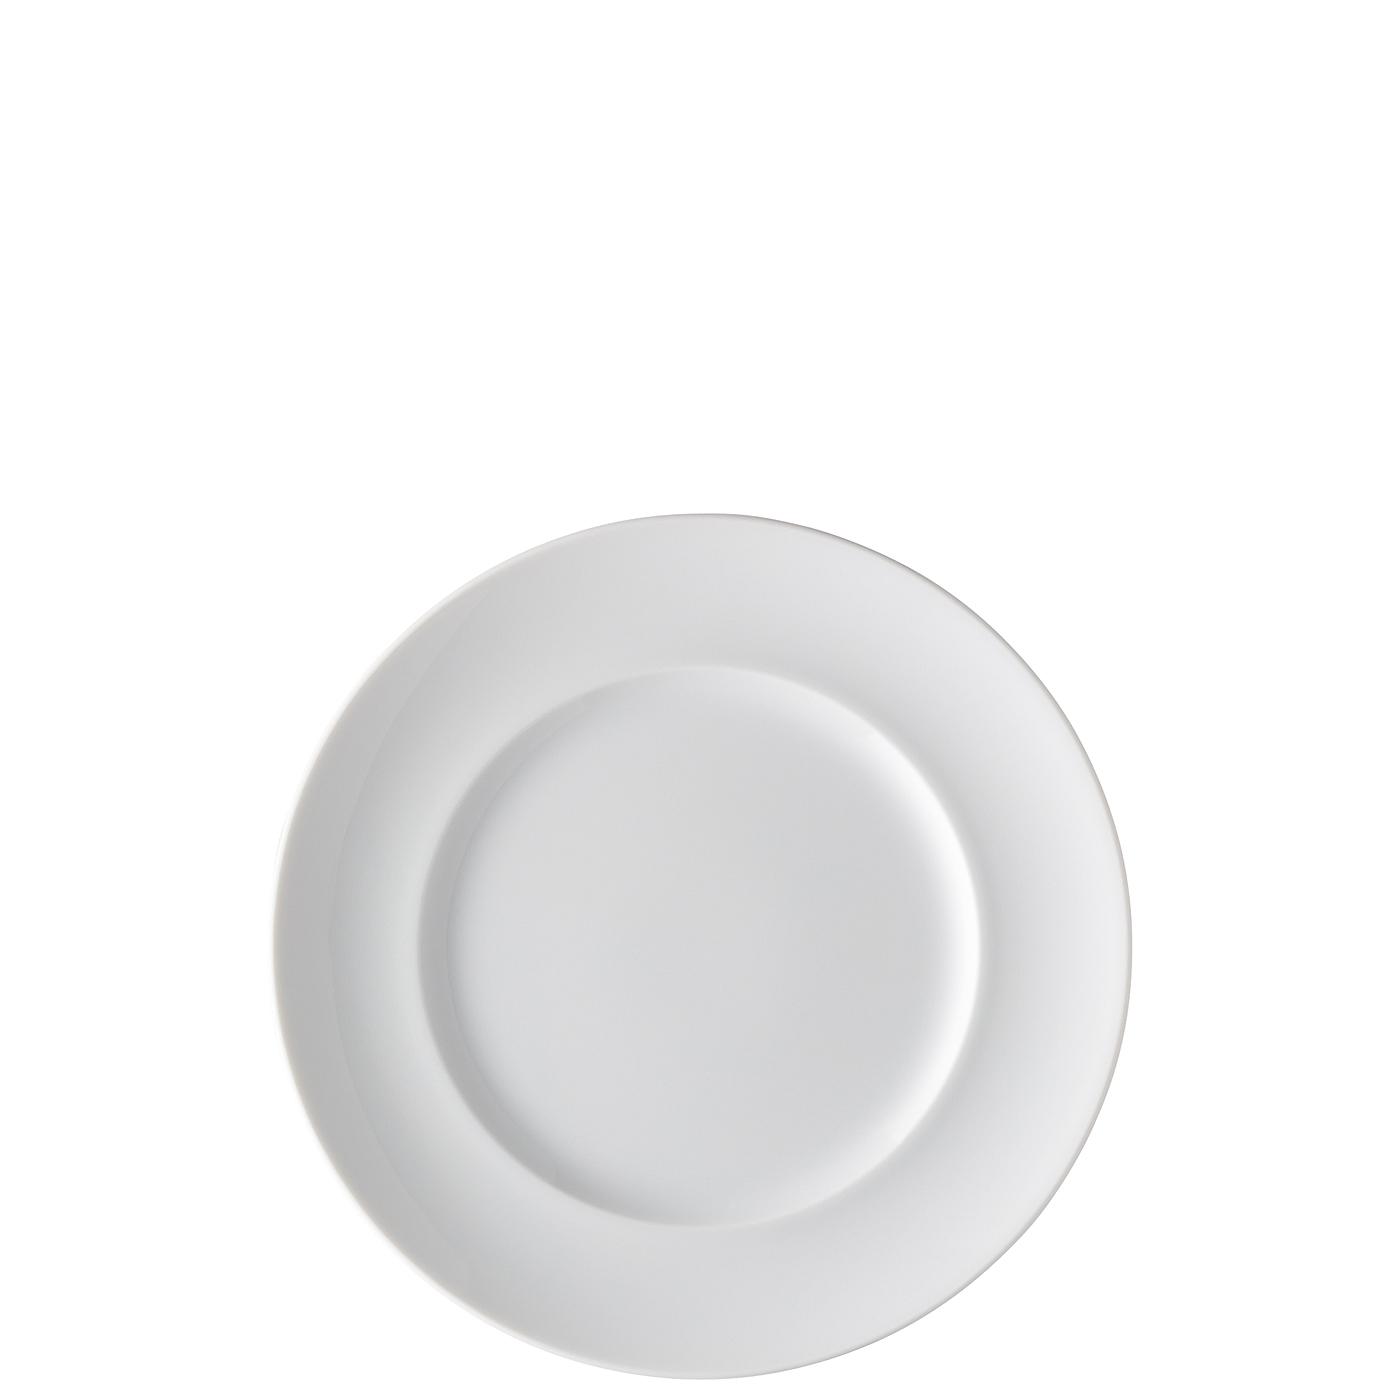 Frühstücksteller 20 cm Amici Weiss Thomas Porzellan